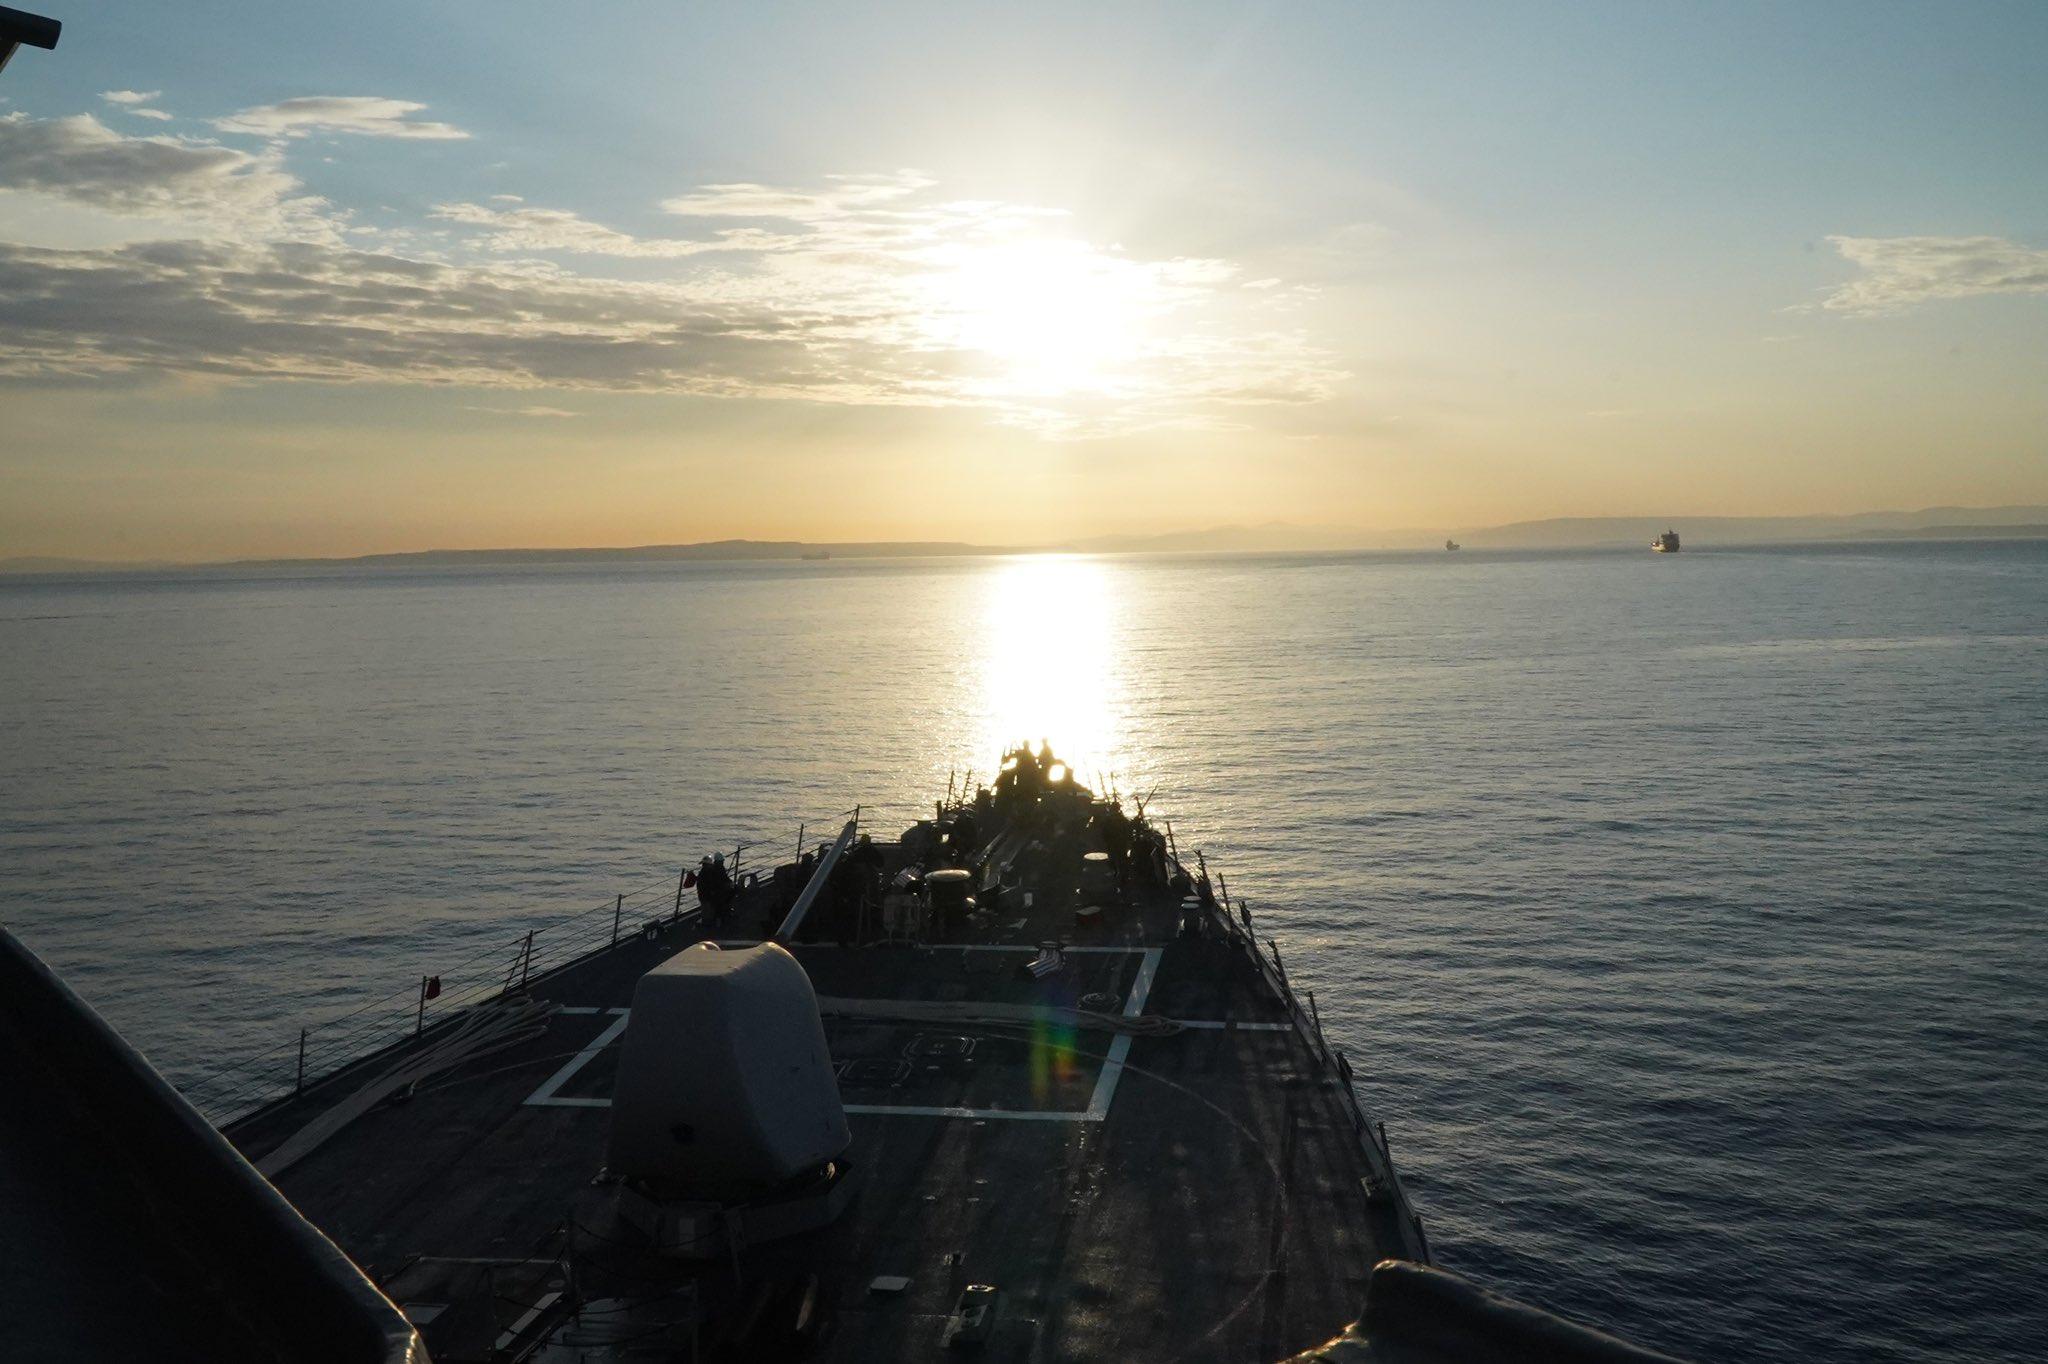 Третий за пять дней. В Черное море направляется корабль ВМС США USS Porter